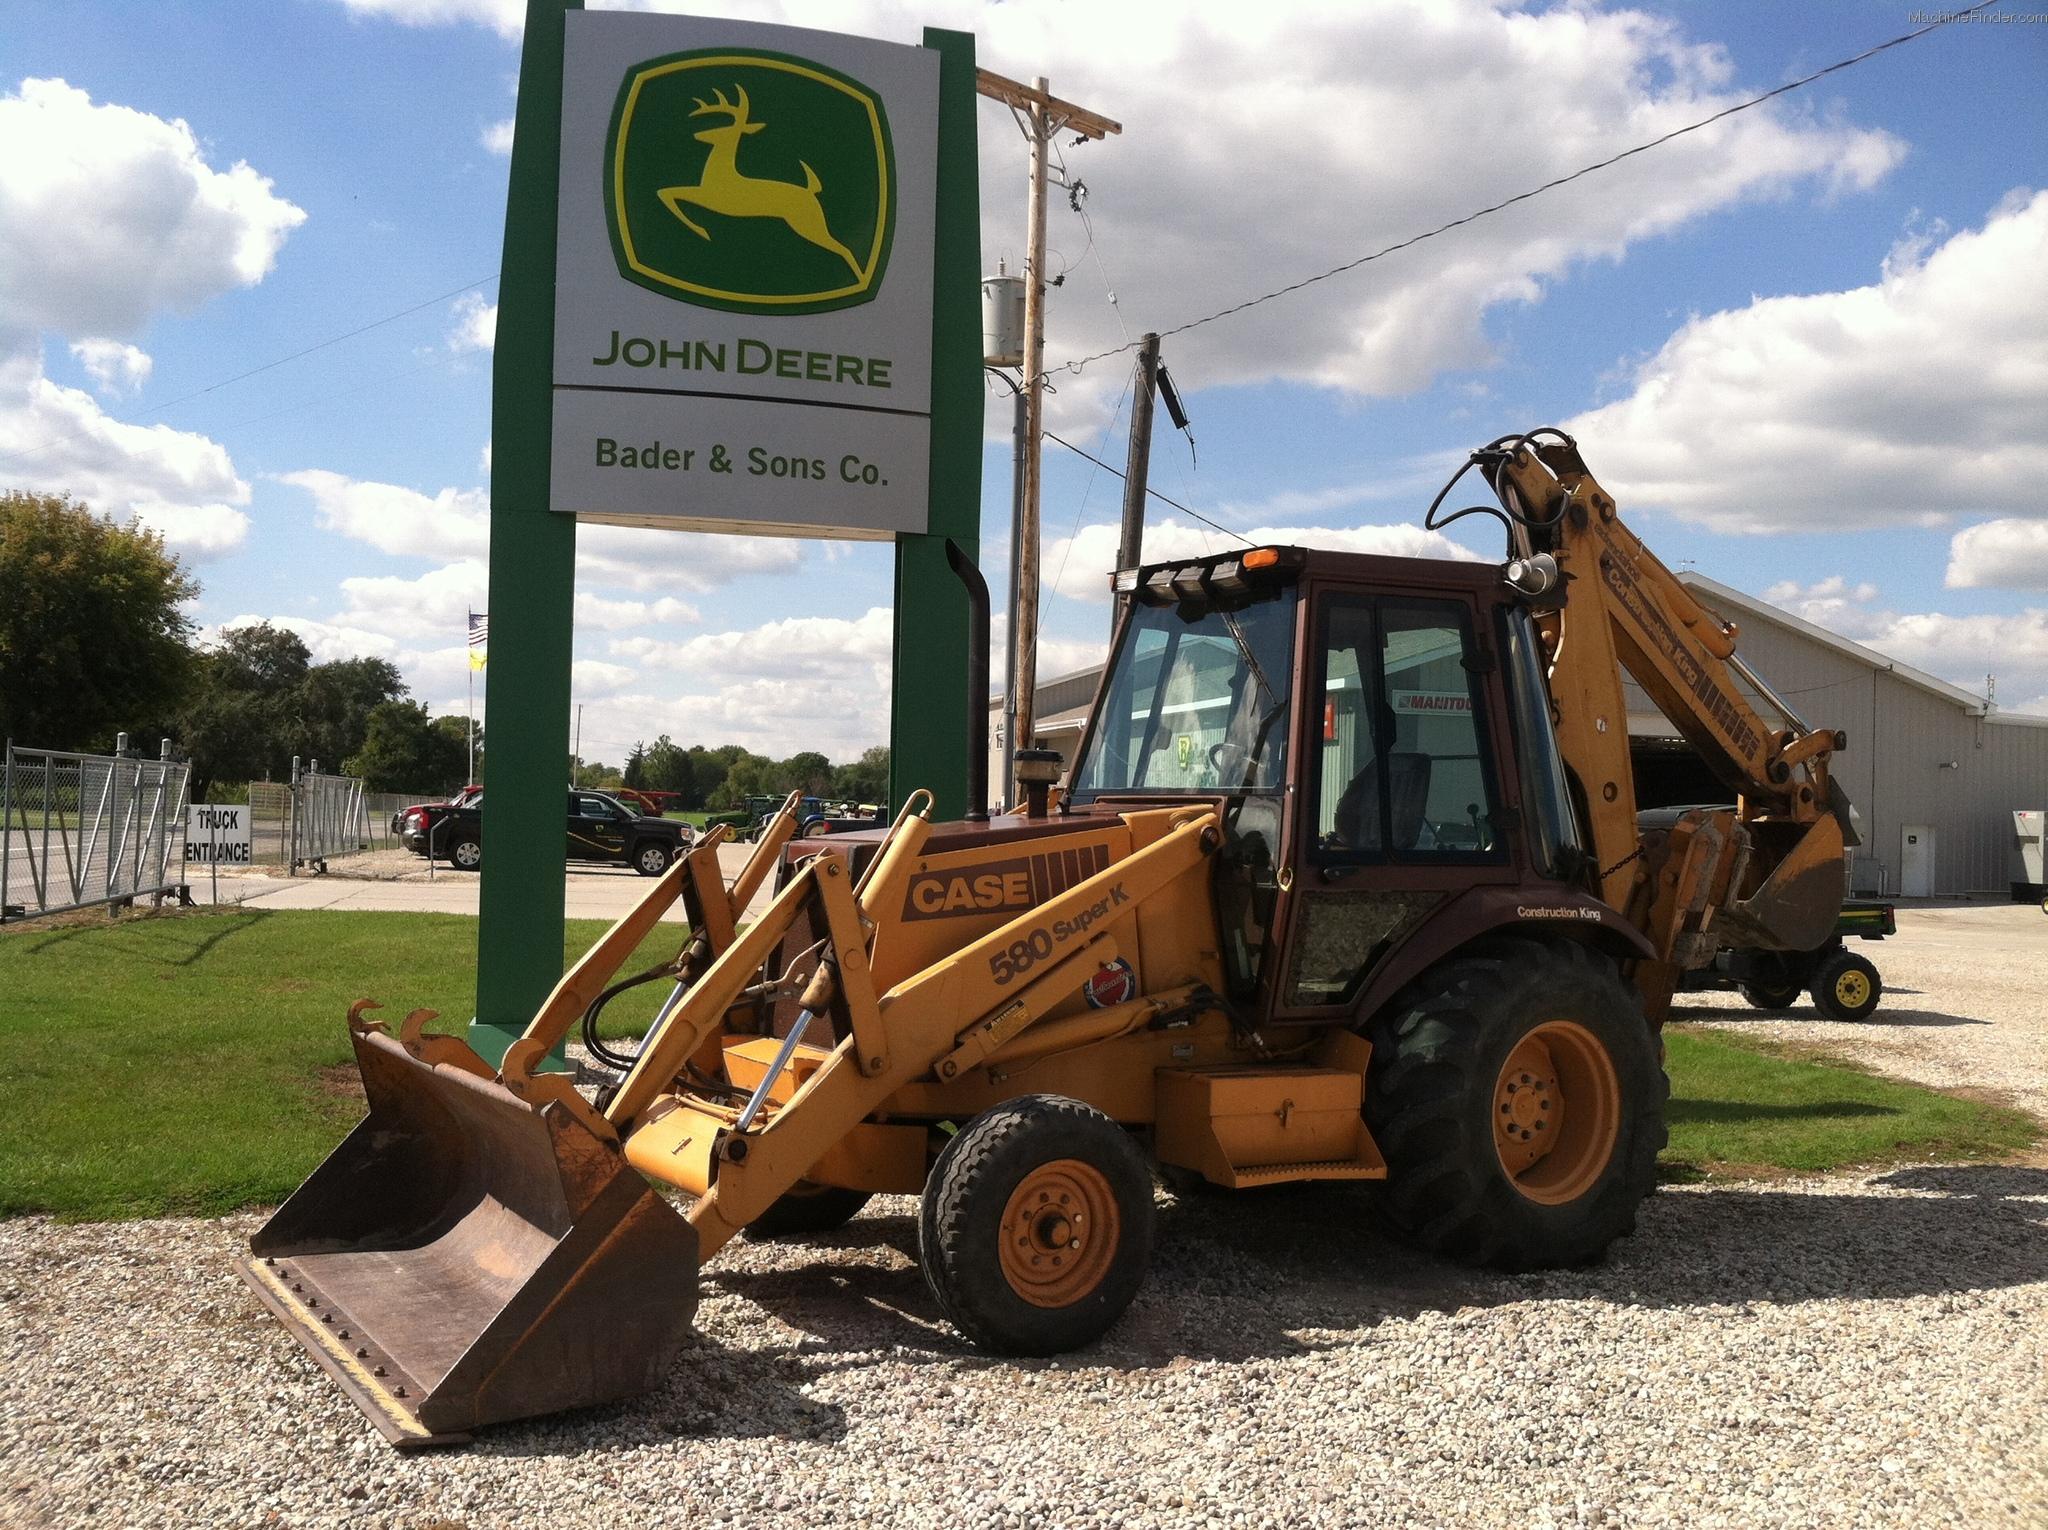 Case 580 SUPER K Tractor Loader Backhoes - John Deere ...